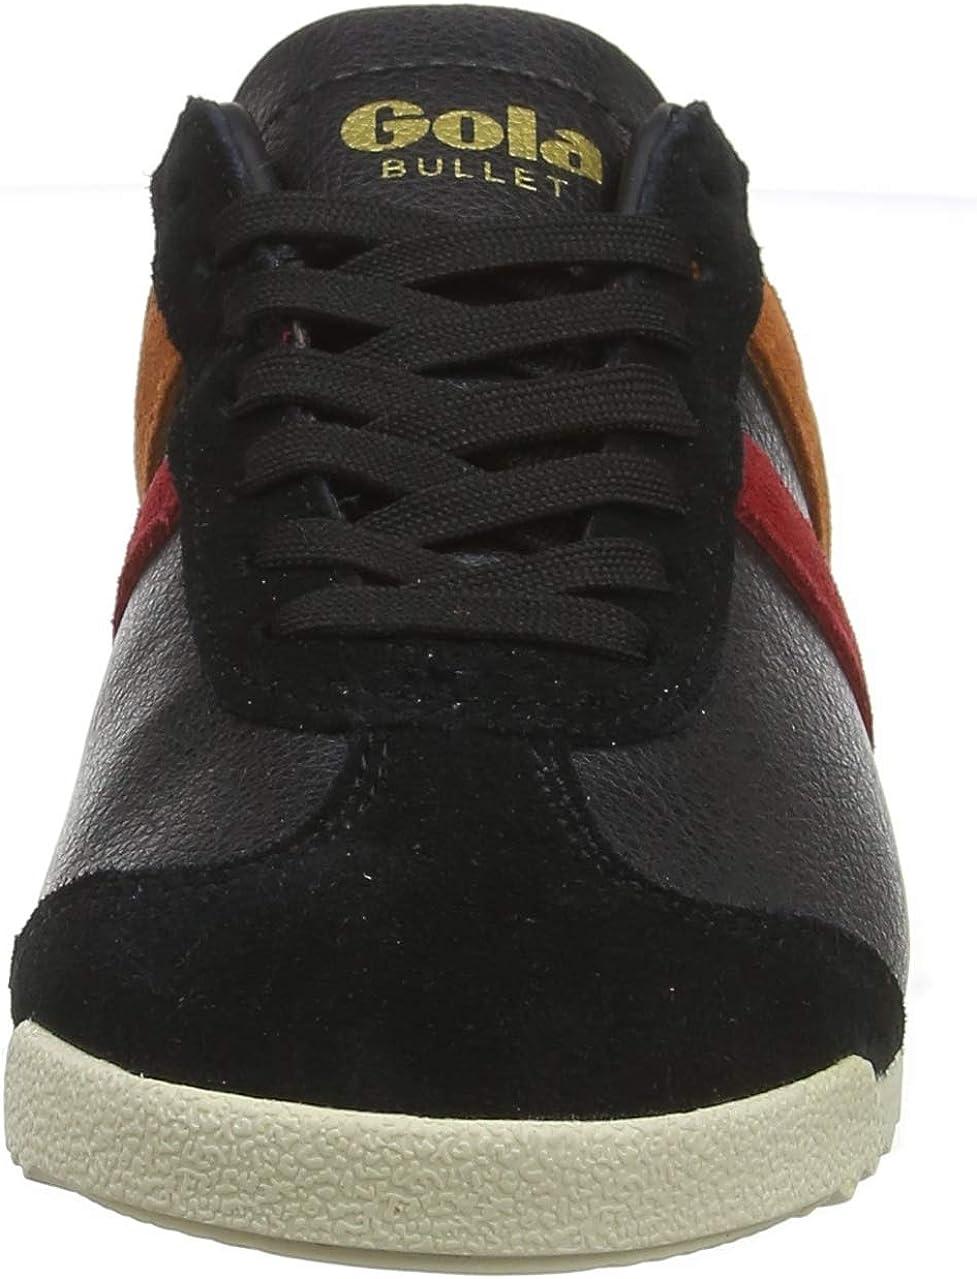 Gola Bullet Trident, Sneaker Donna Nero Black Multi Bz 73ddi3